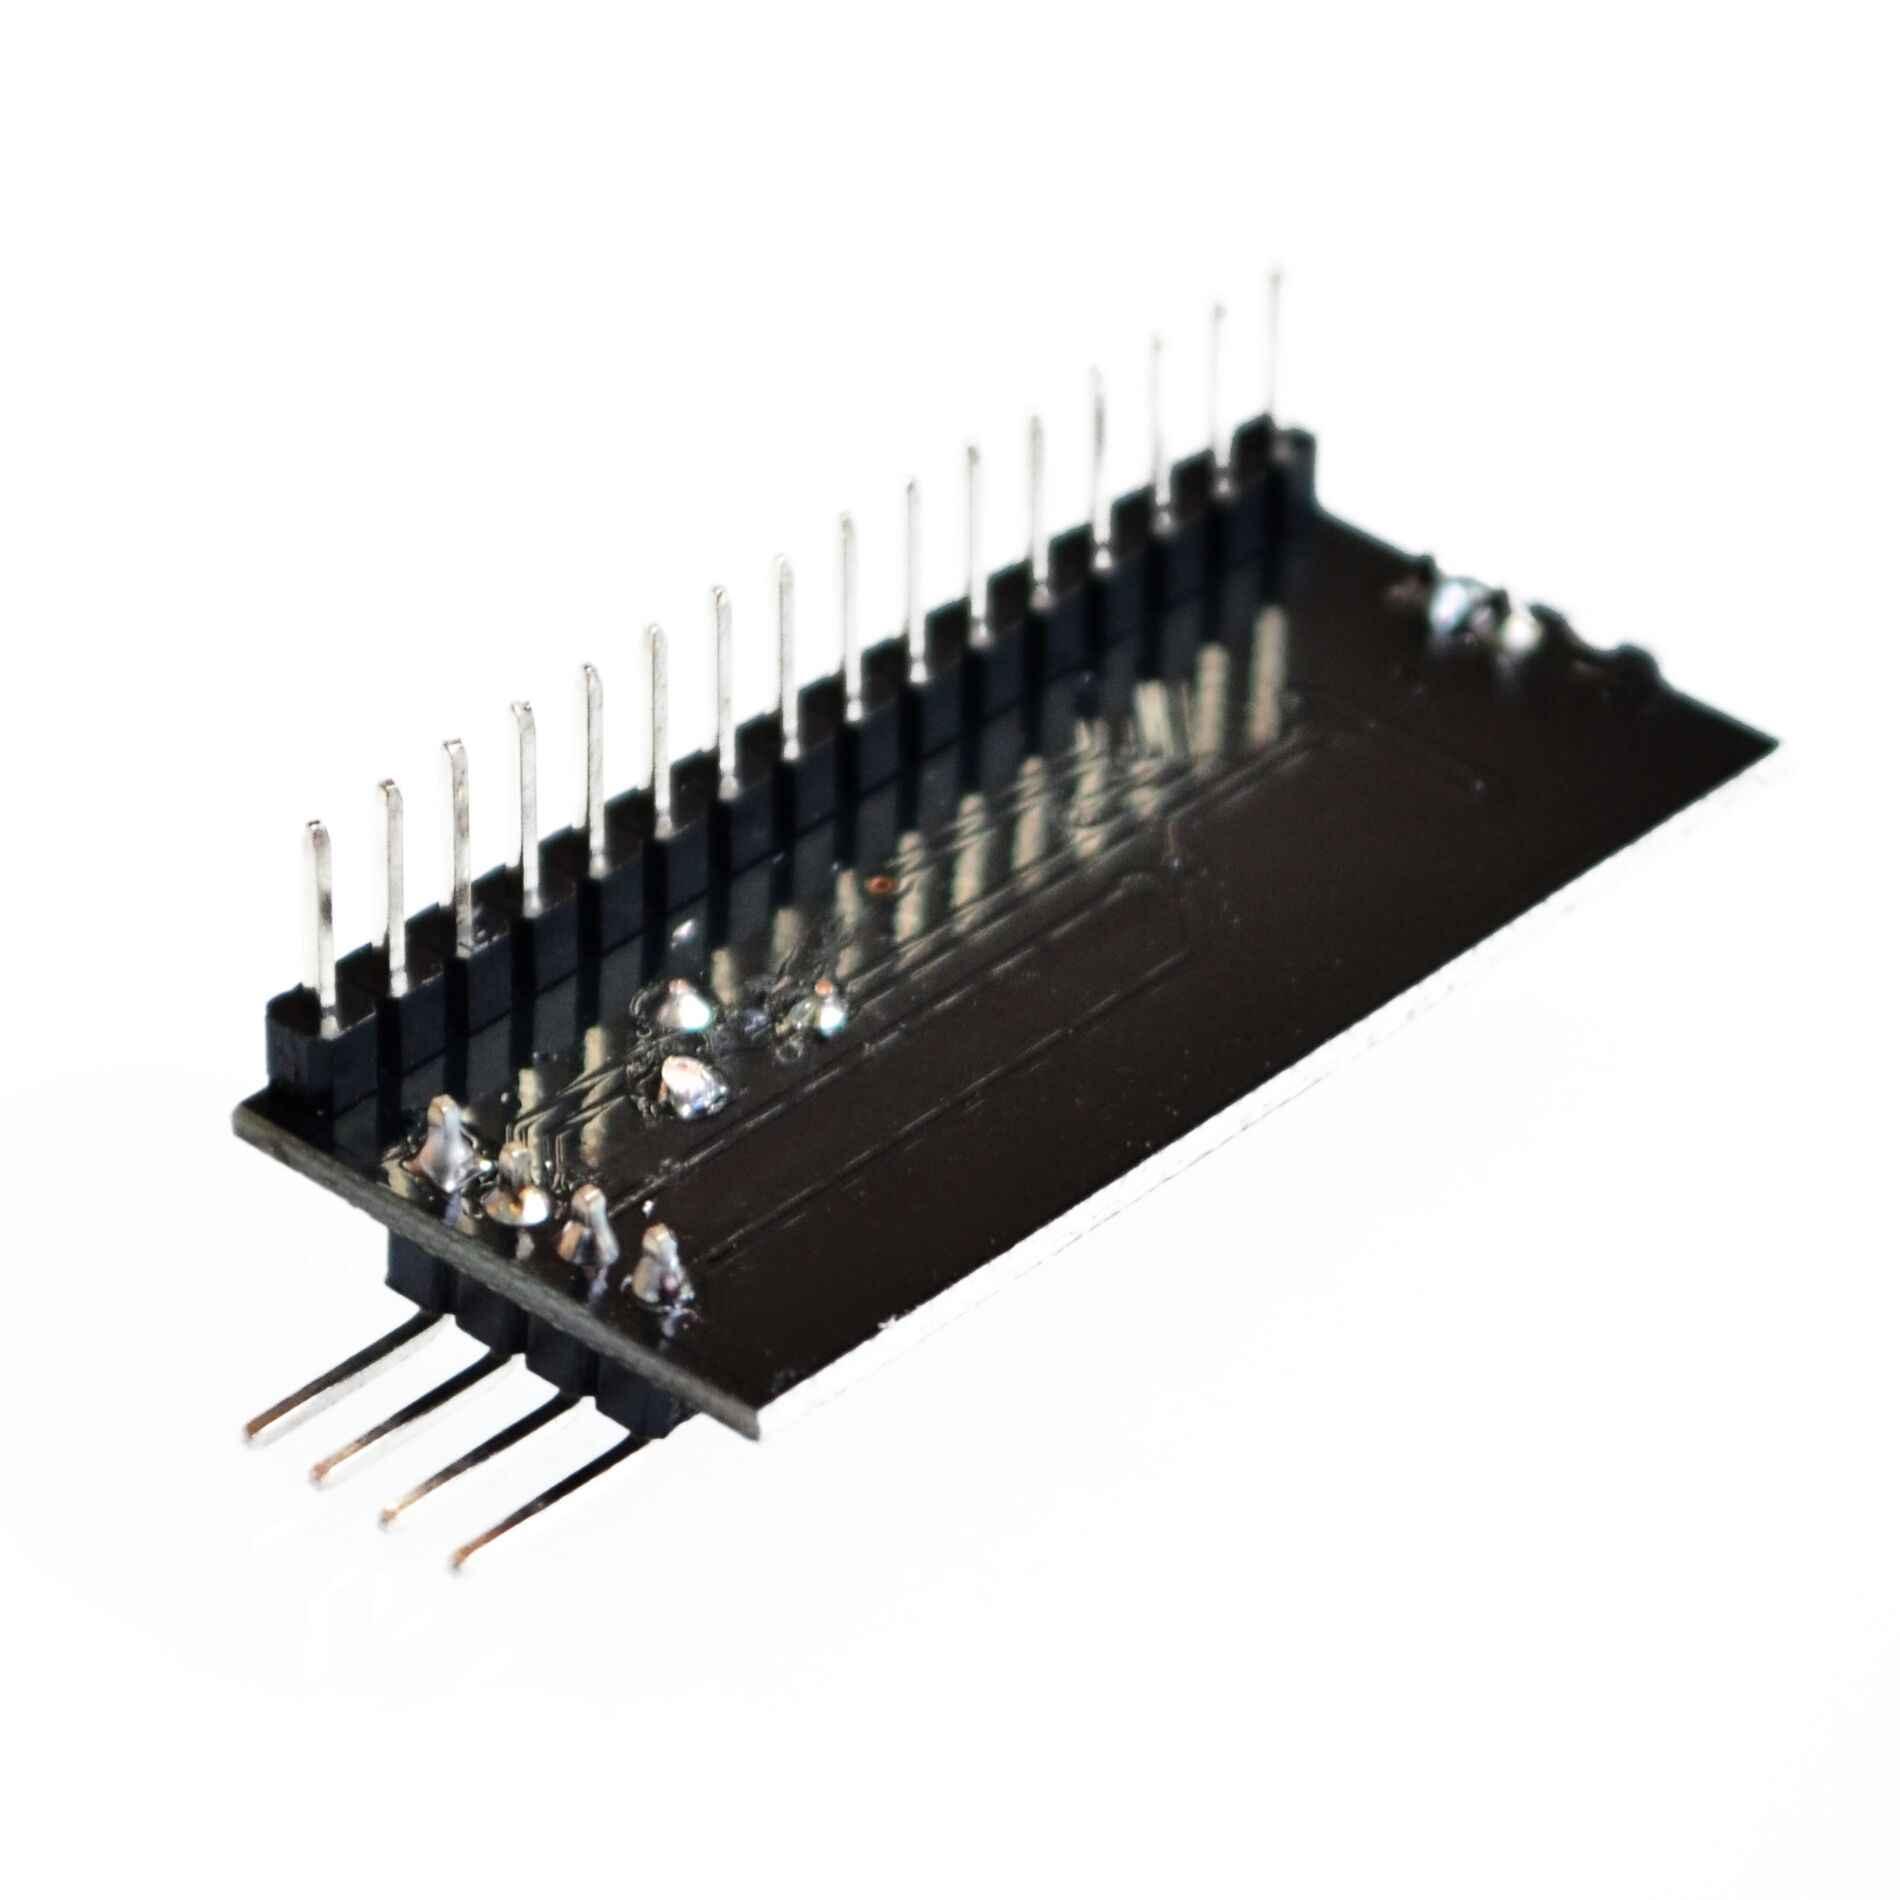 Rétro-éclairage réglable du Module d'interface IIC I2C TWISPI Module de carte série Port 1602 écran LCD pour Arduino